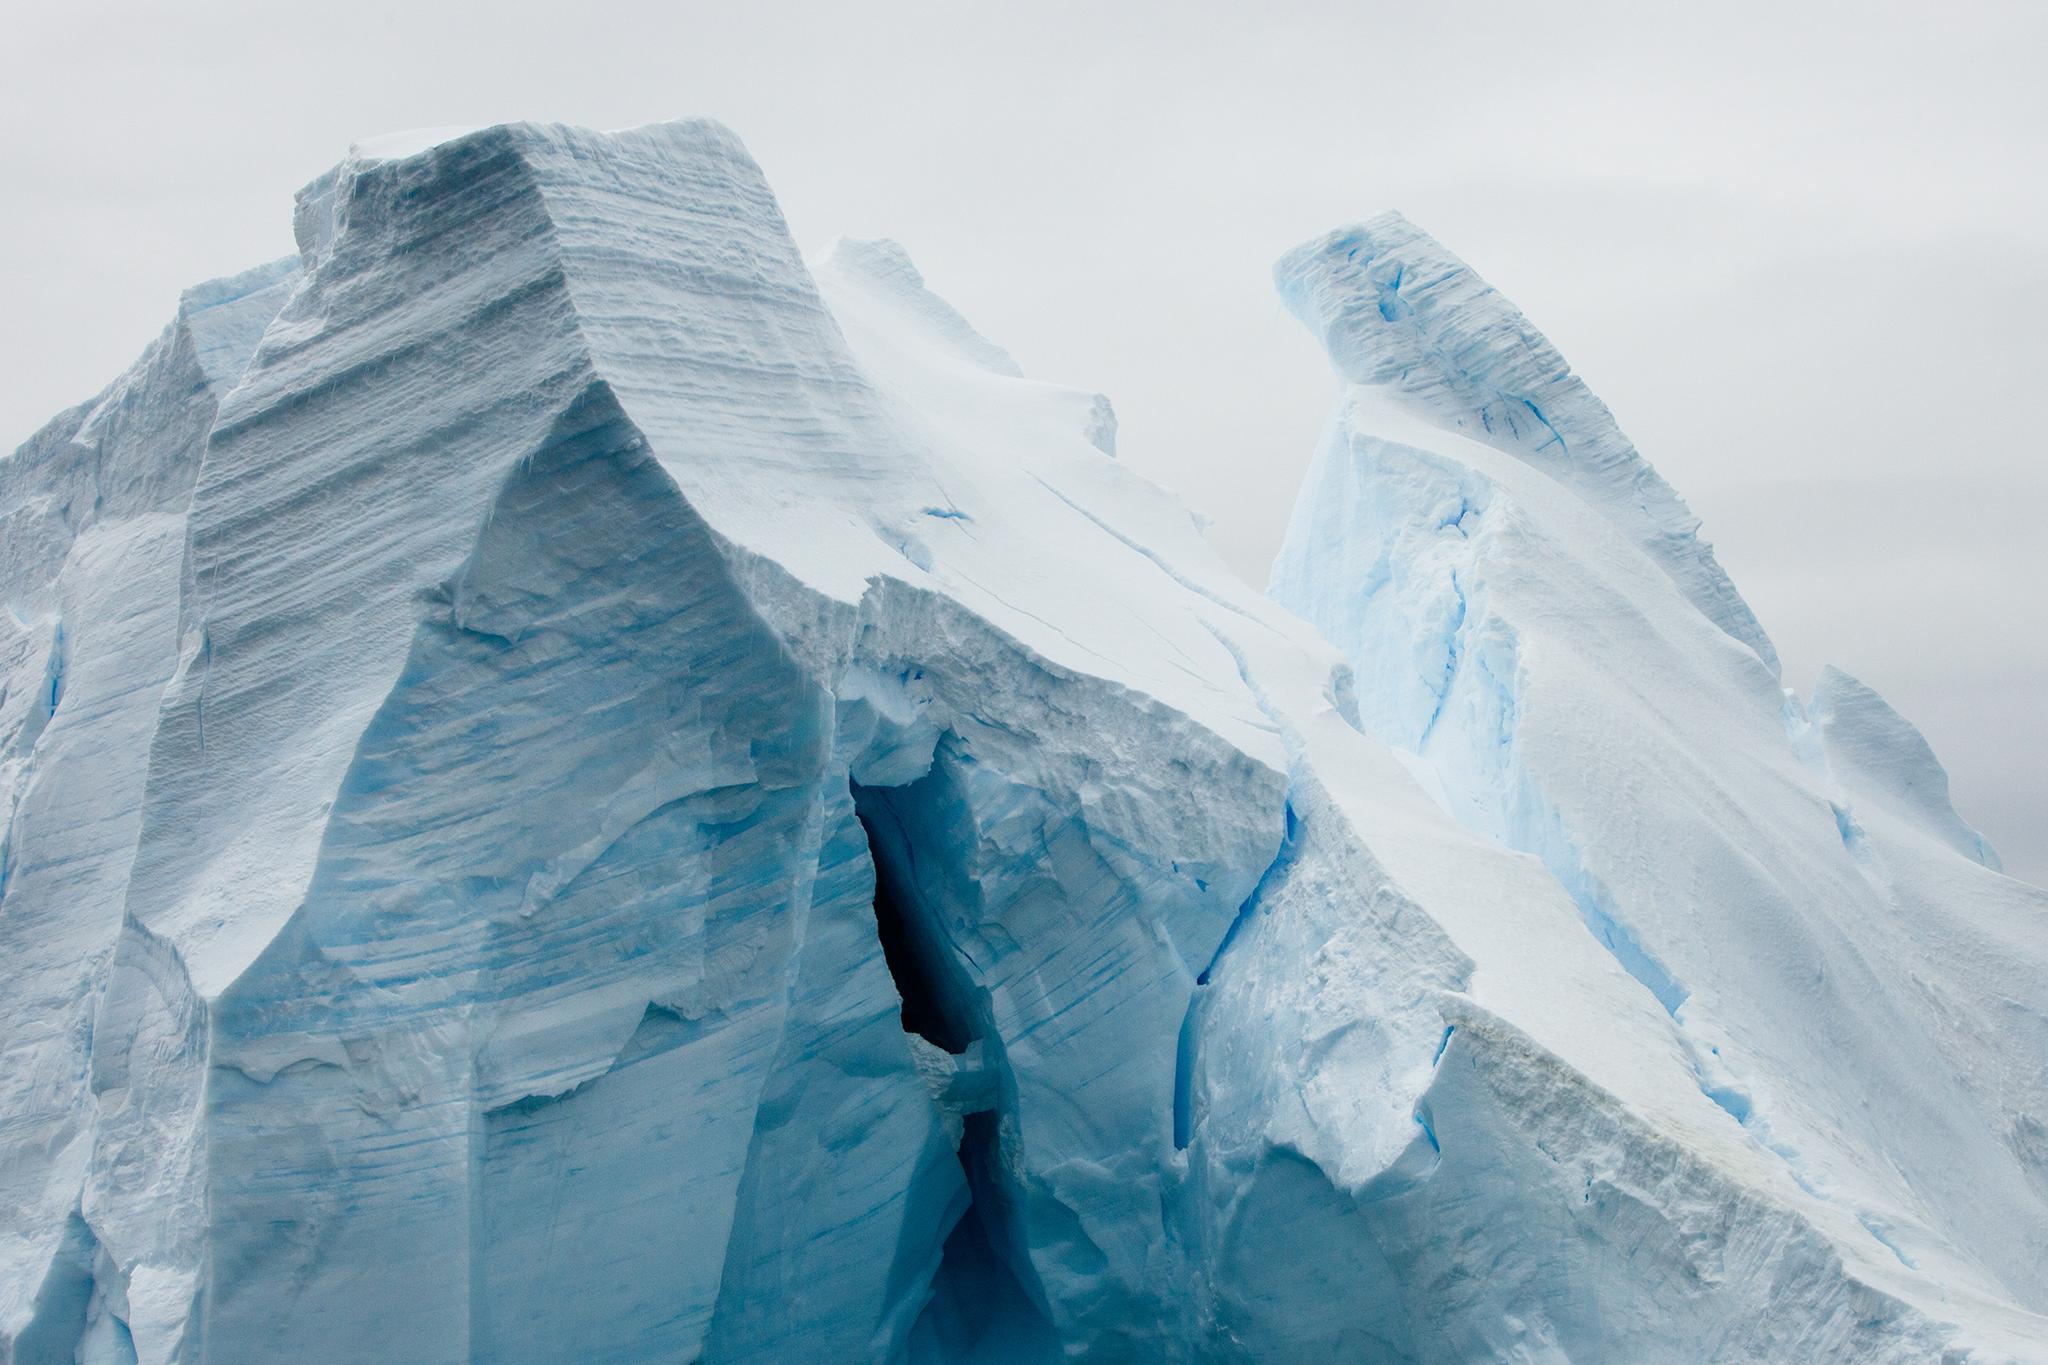 002-TW-Icebergs-140109.jpg